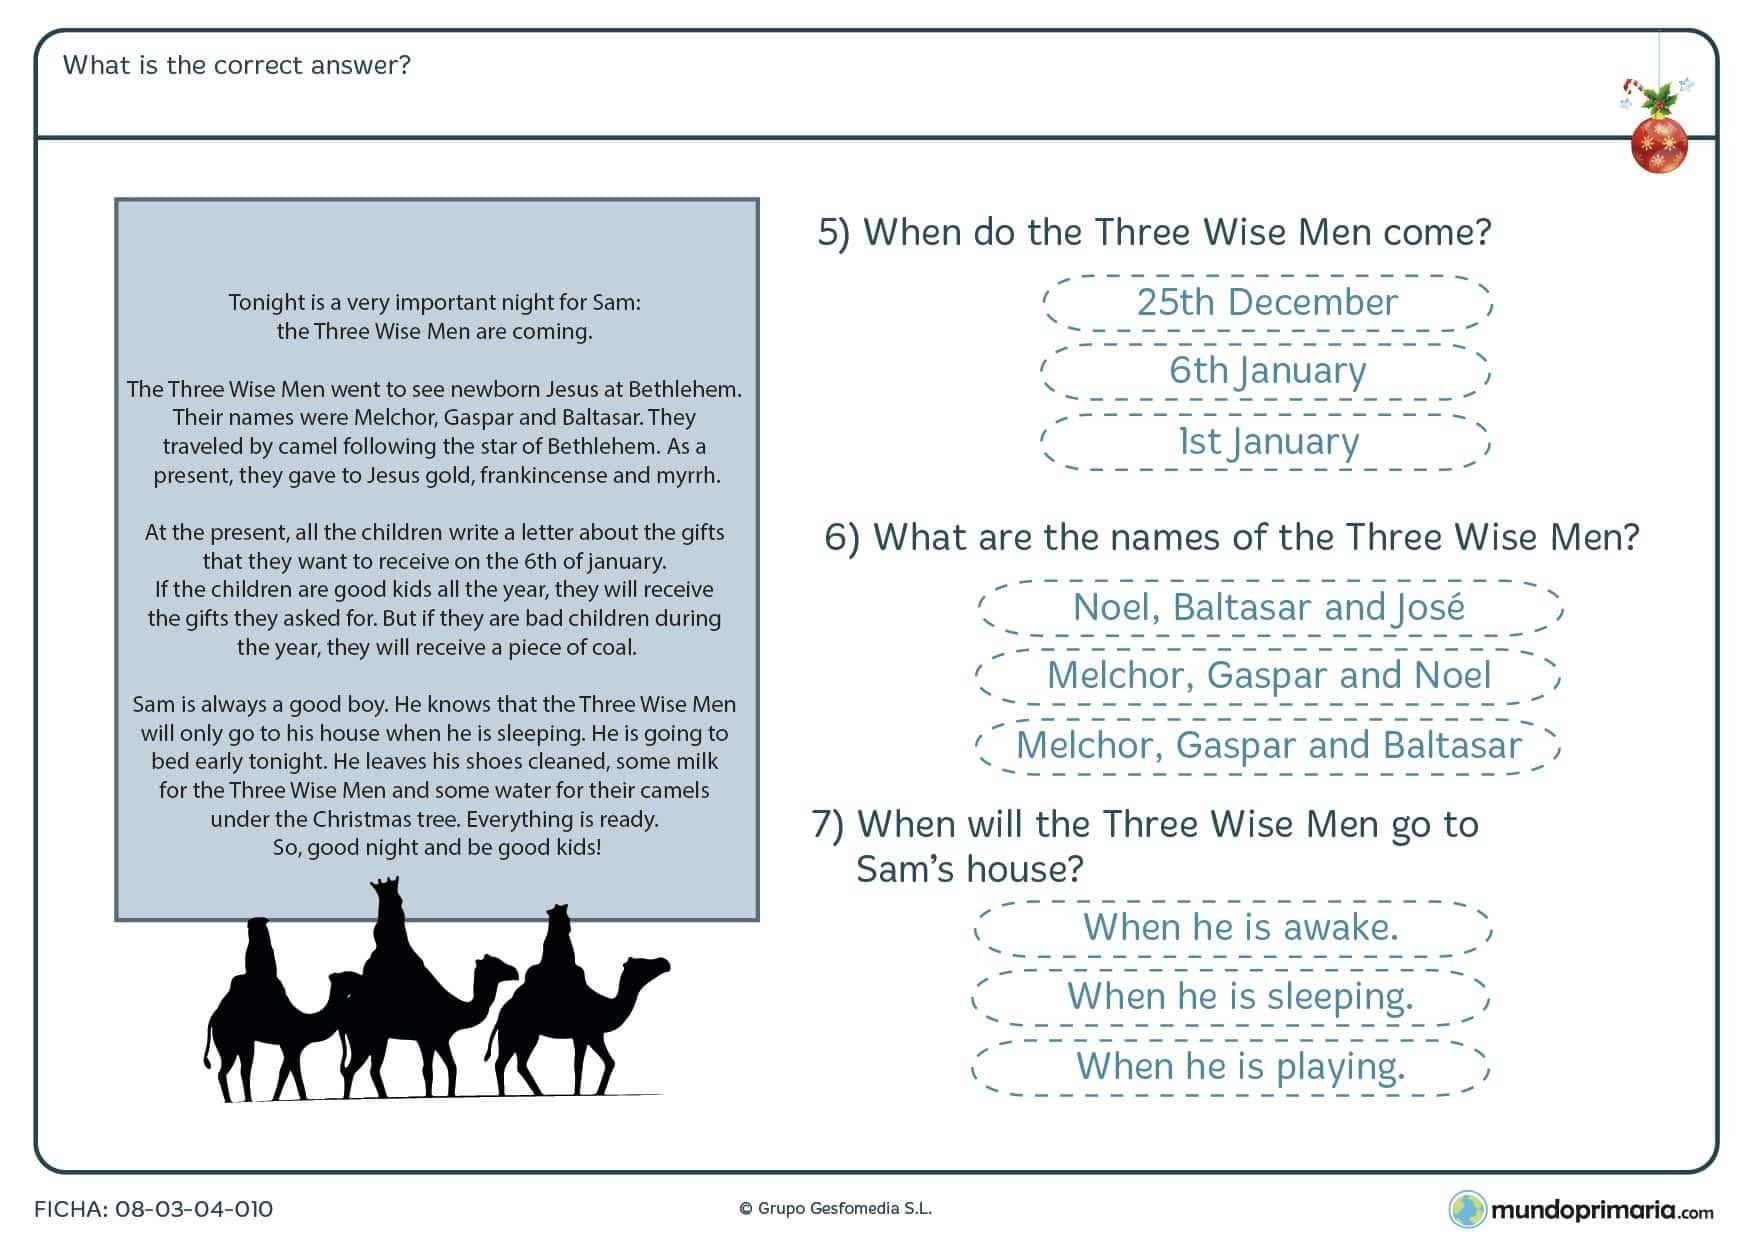 Ficha para practicar la comprensión de un texto en inglés, seleccionando la respuesta correcta, para niños de primaria